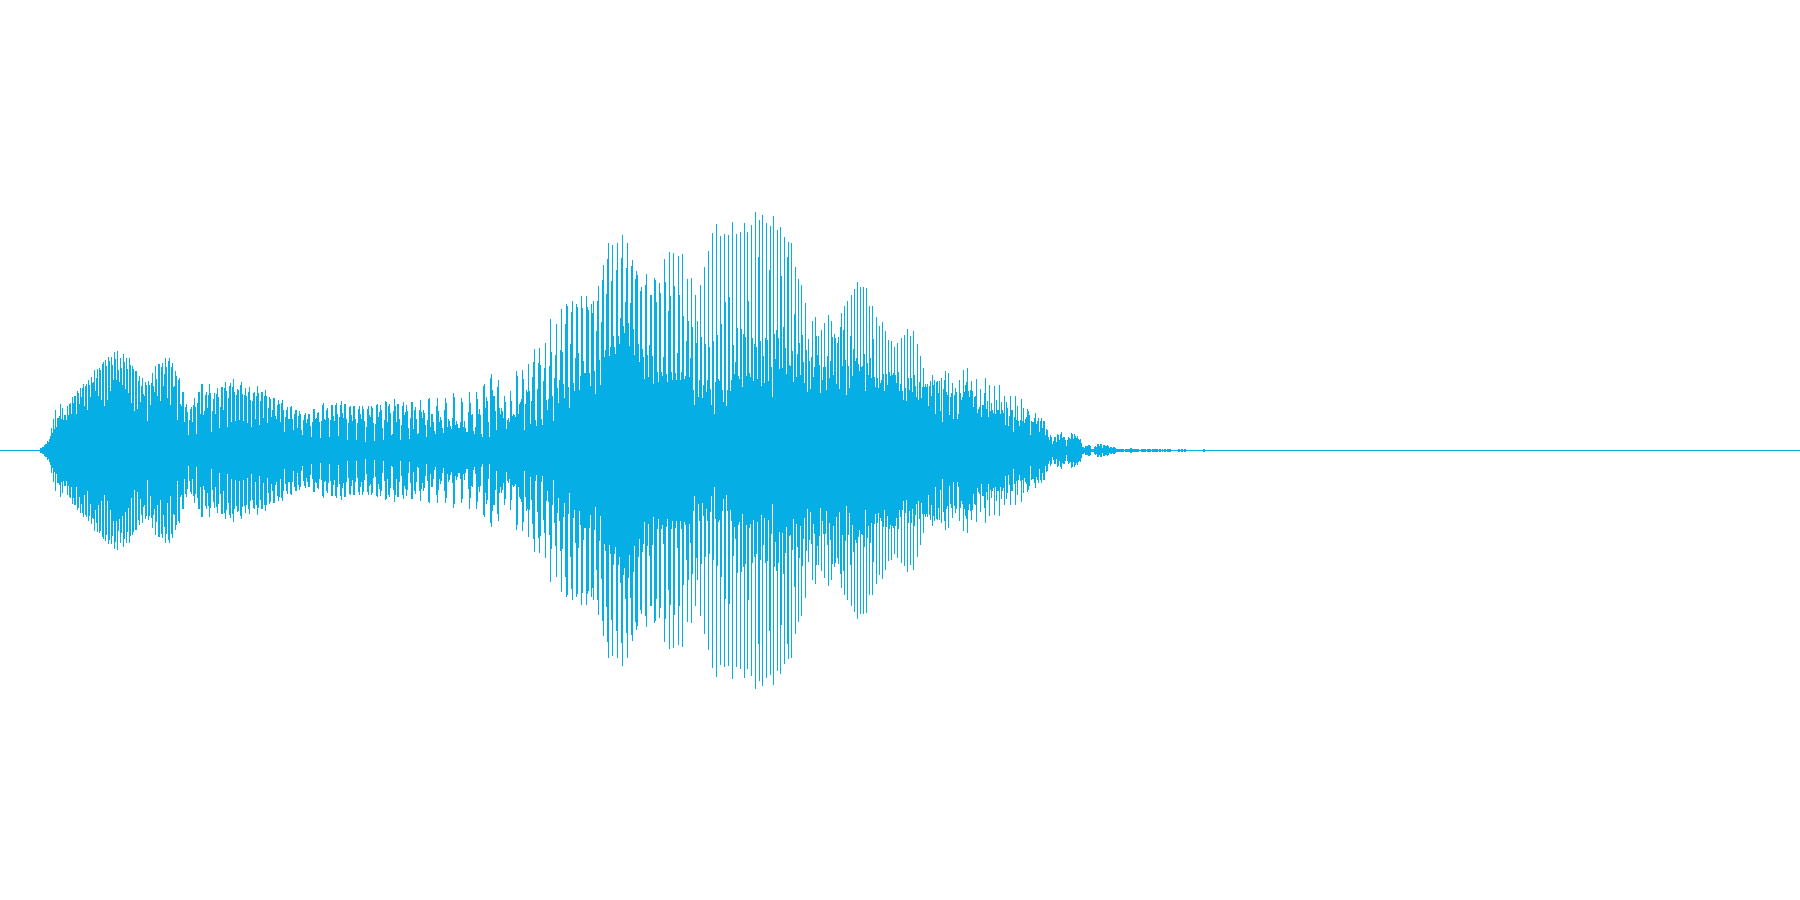 「イエイ!」5の再生済みの波形